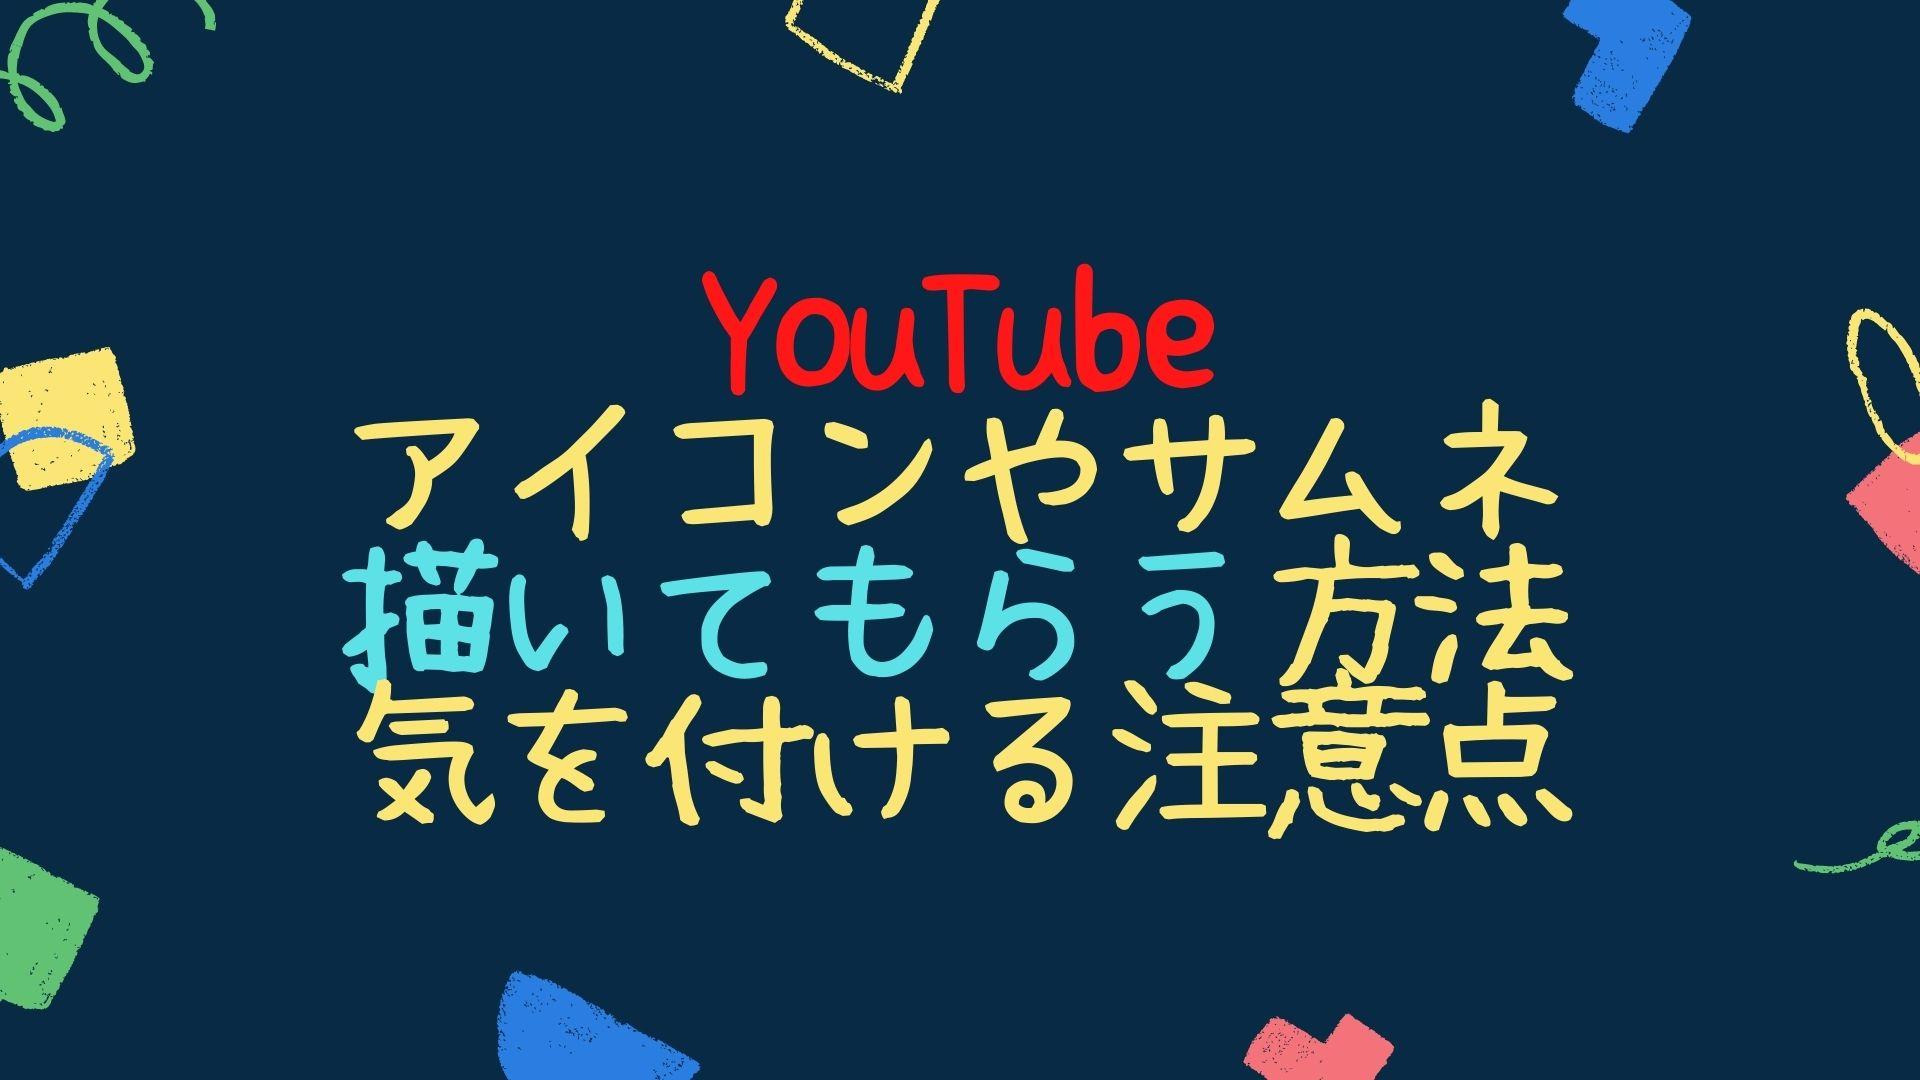 YouTubeのアイコンやサムネを描いてもらう方法と気を付けるべき注意点